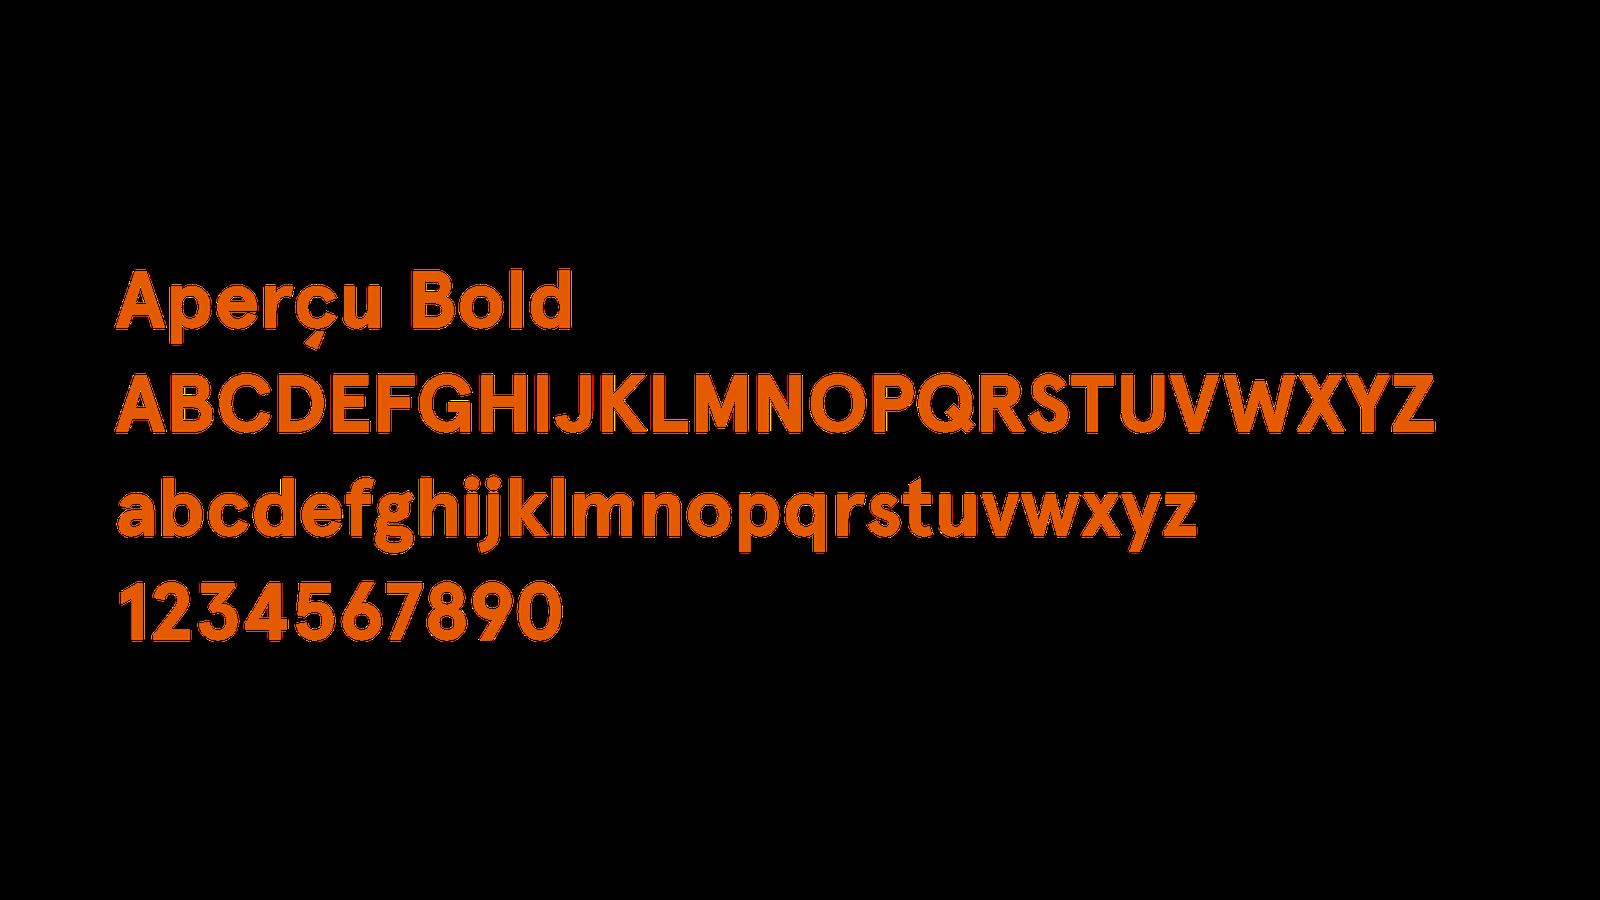 Apercu Bold